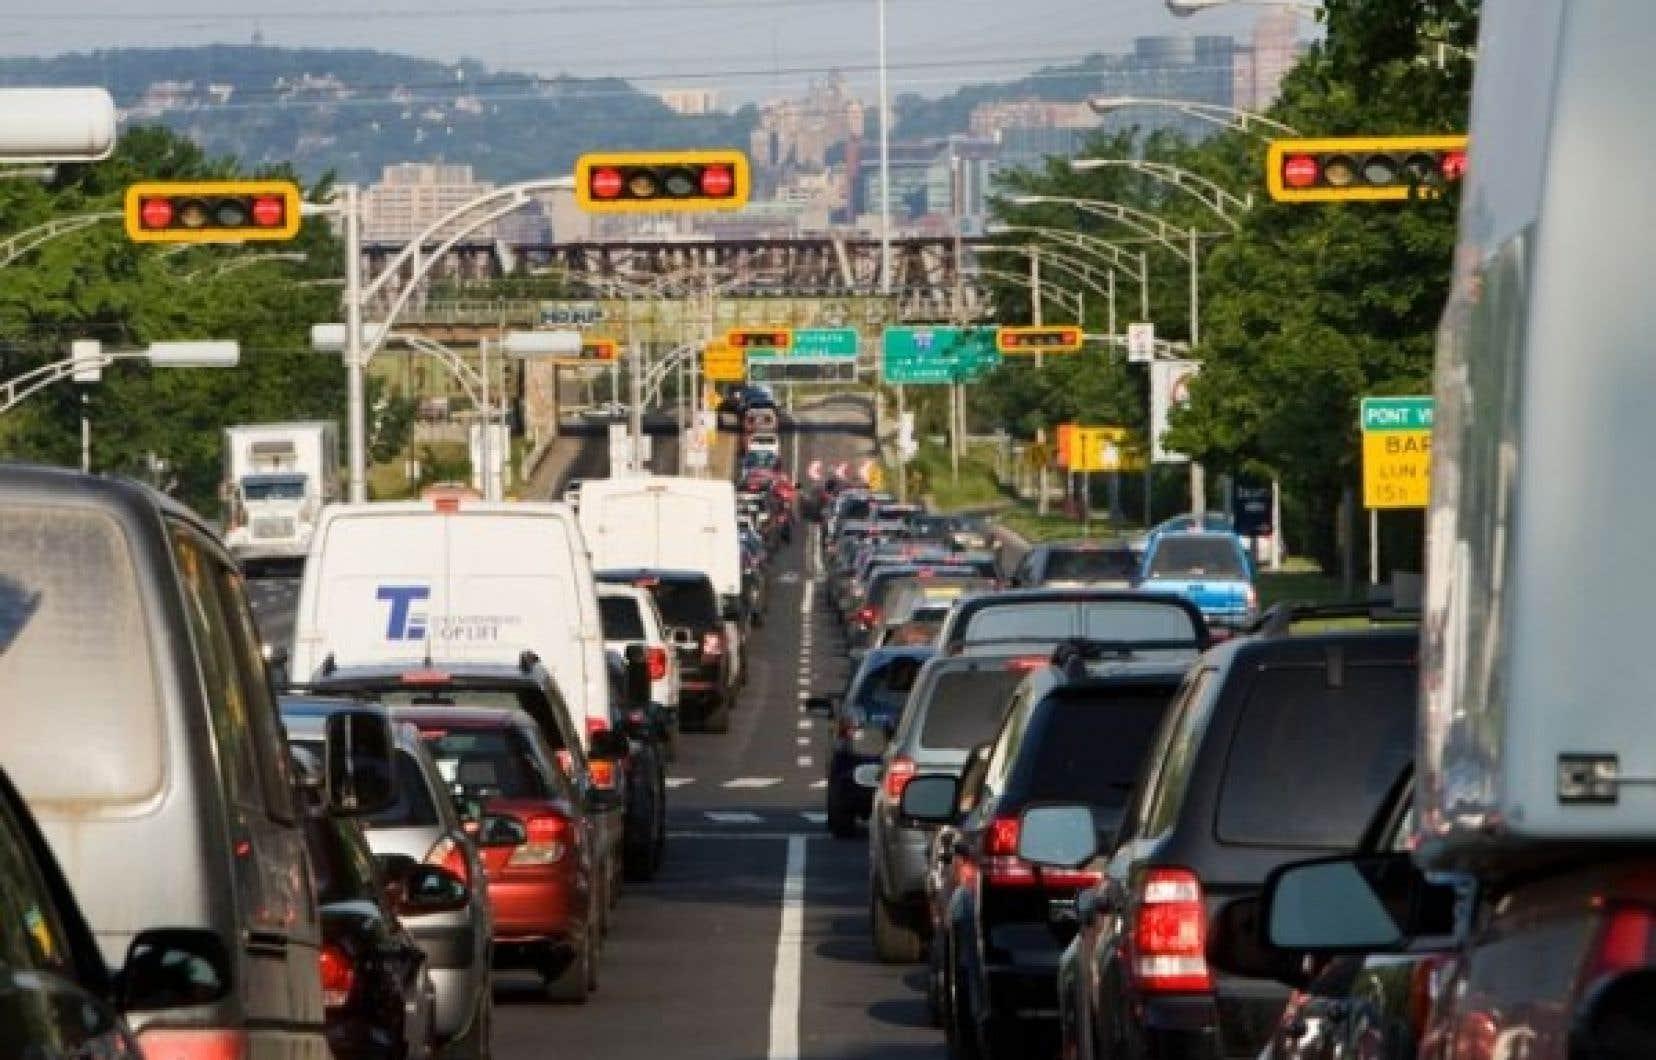 Le maire Tremblay estime que le report de travaux améliorera la «perception de sécurité» sur l'île de Montréal et contribuera à la fluidité des déplacements.